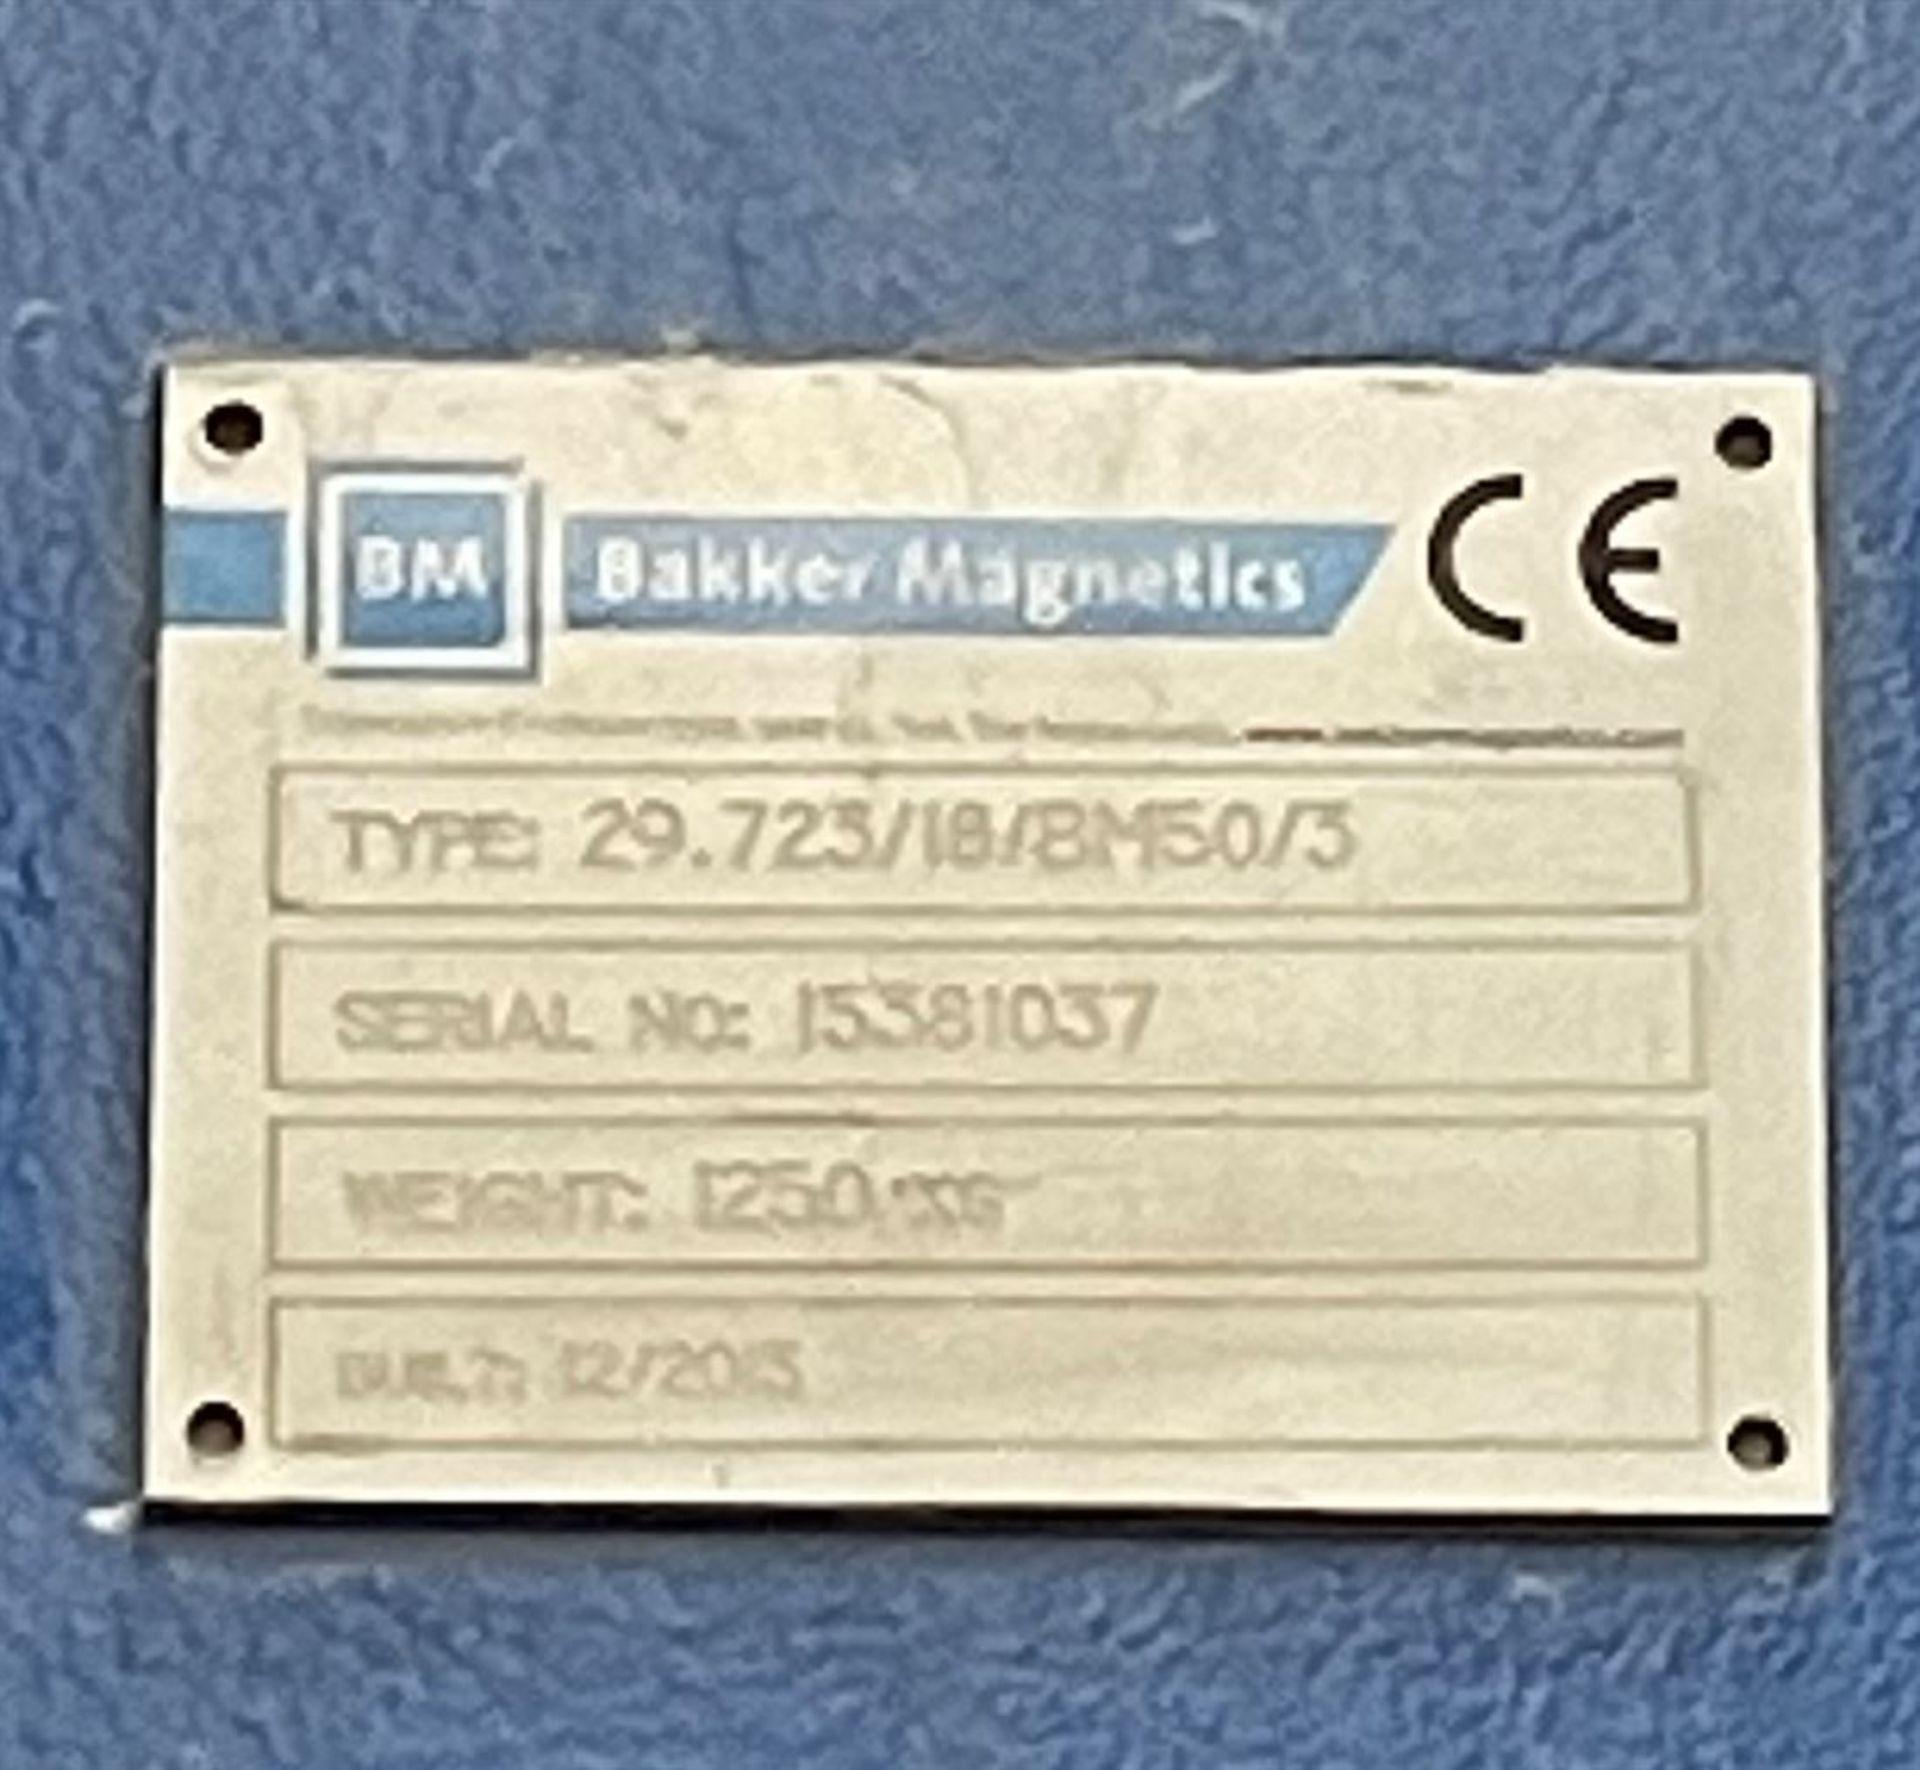 """2013 BAKKER MAGNETICS 29.723/18/BM50/3 Non-Ferrous Magnet Separator, s/n 15381037, Approx. 30""""W x - Image 6 of 6"""